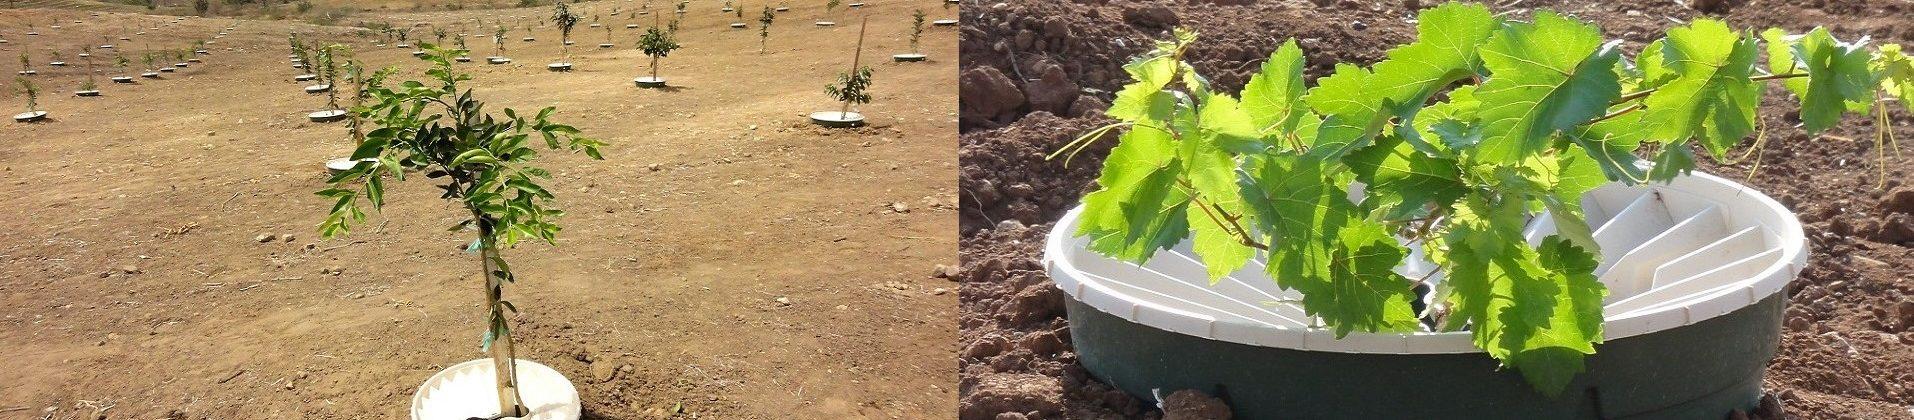 plantar zona arida